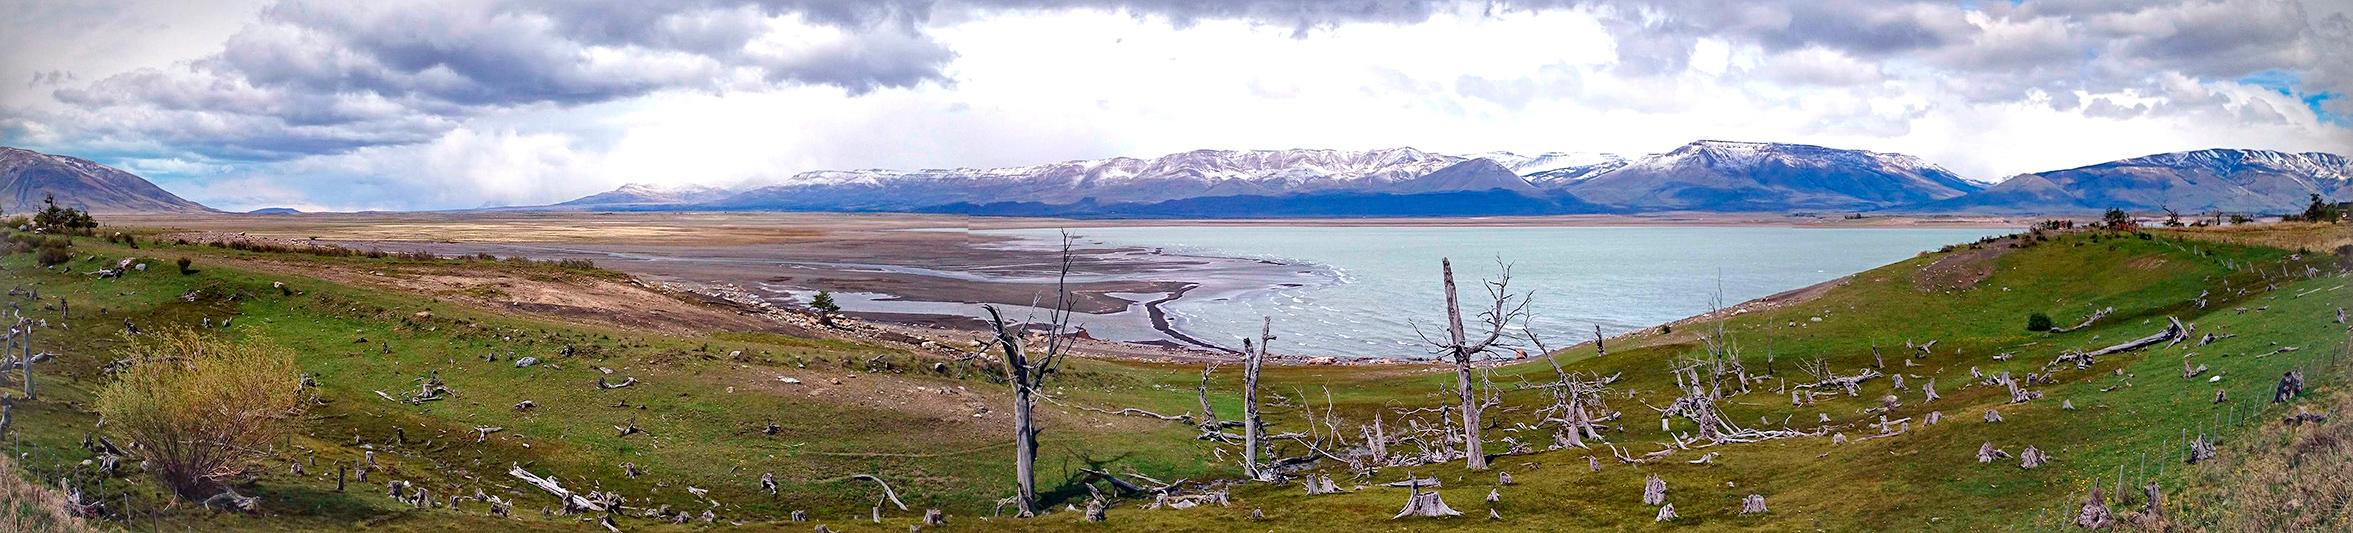 """Paysage du parc national """"Los Glaciares"""", El Calafate, Argentine - 2014"""